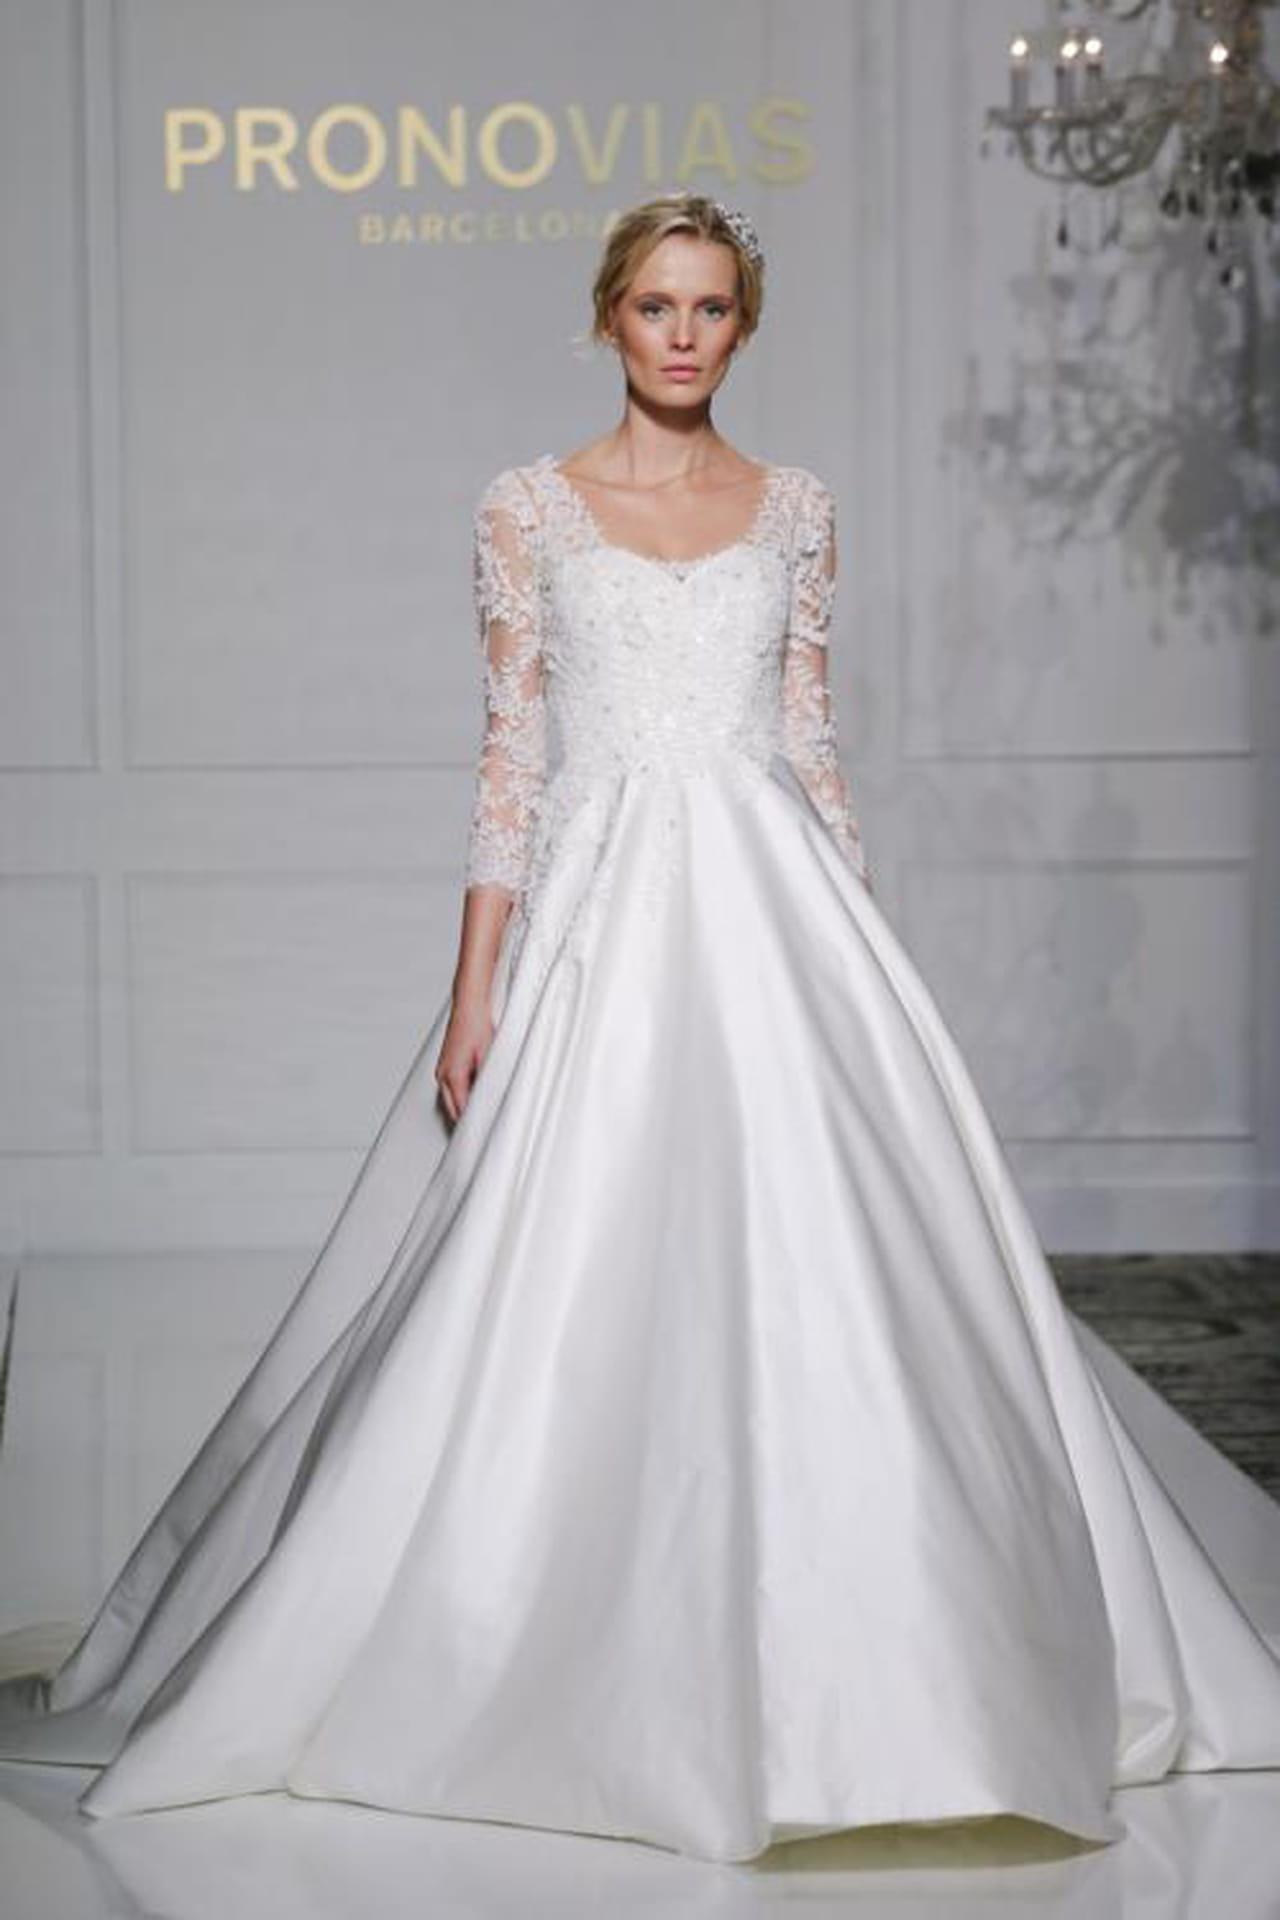 76b5af916a50f فساتين زفاف للمحجبات 2016 لعروس محتشمة وعصرية